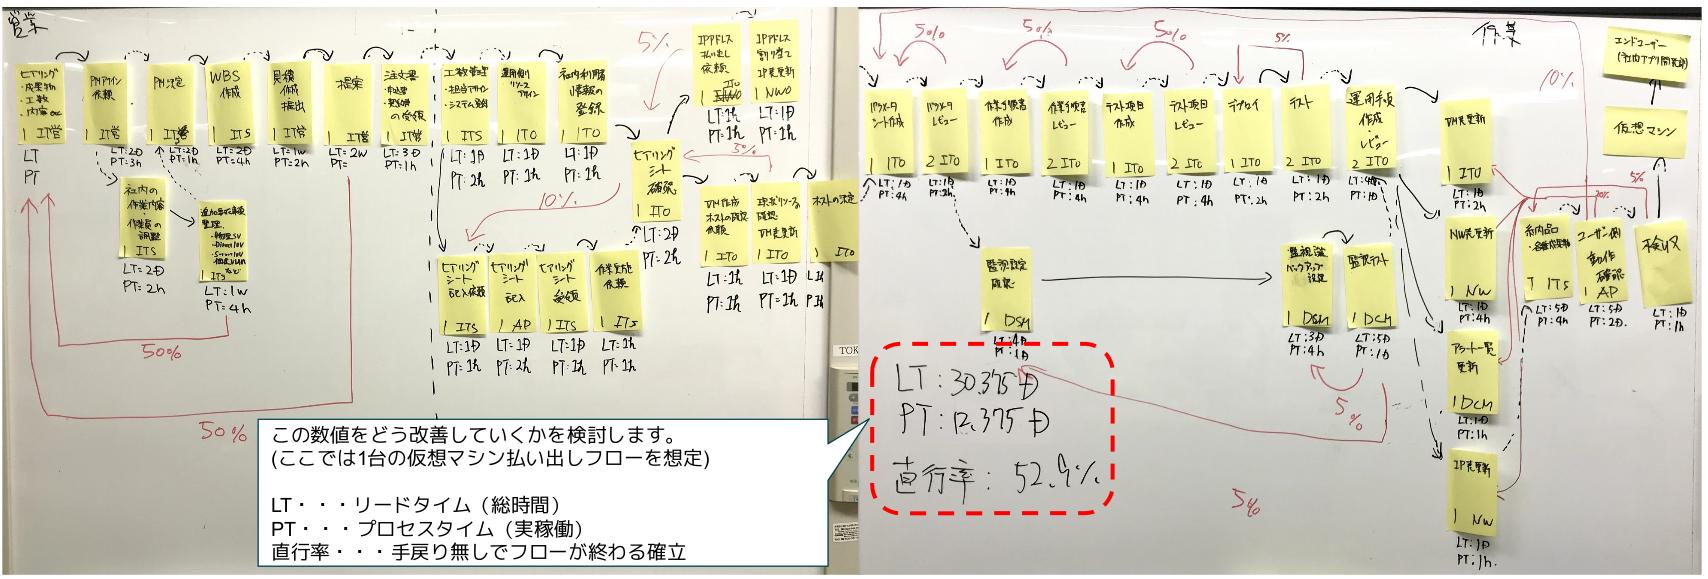 https://licensecounter.jp/devops-hub/blog/assets/images/180214_redhat_03.png